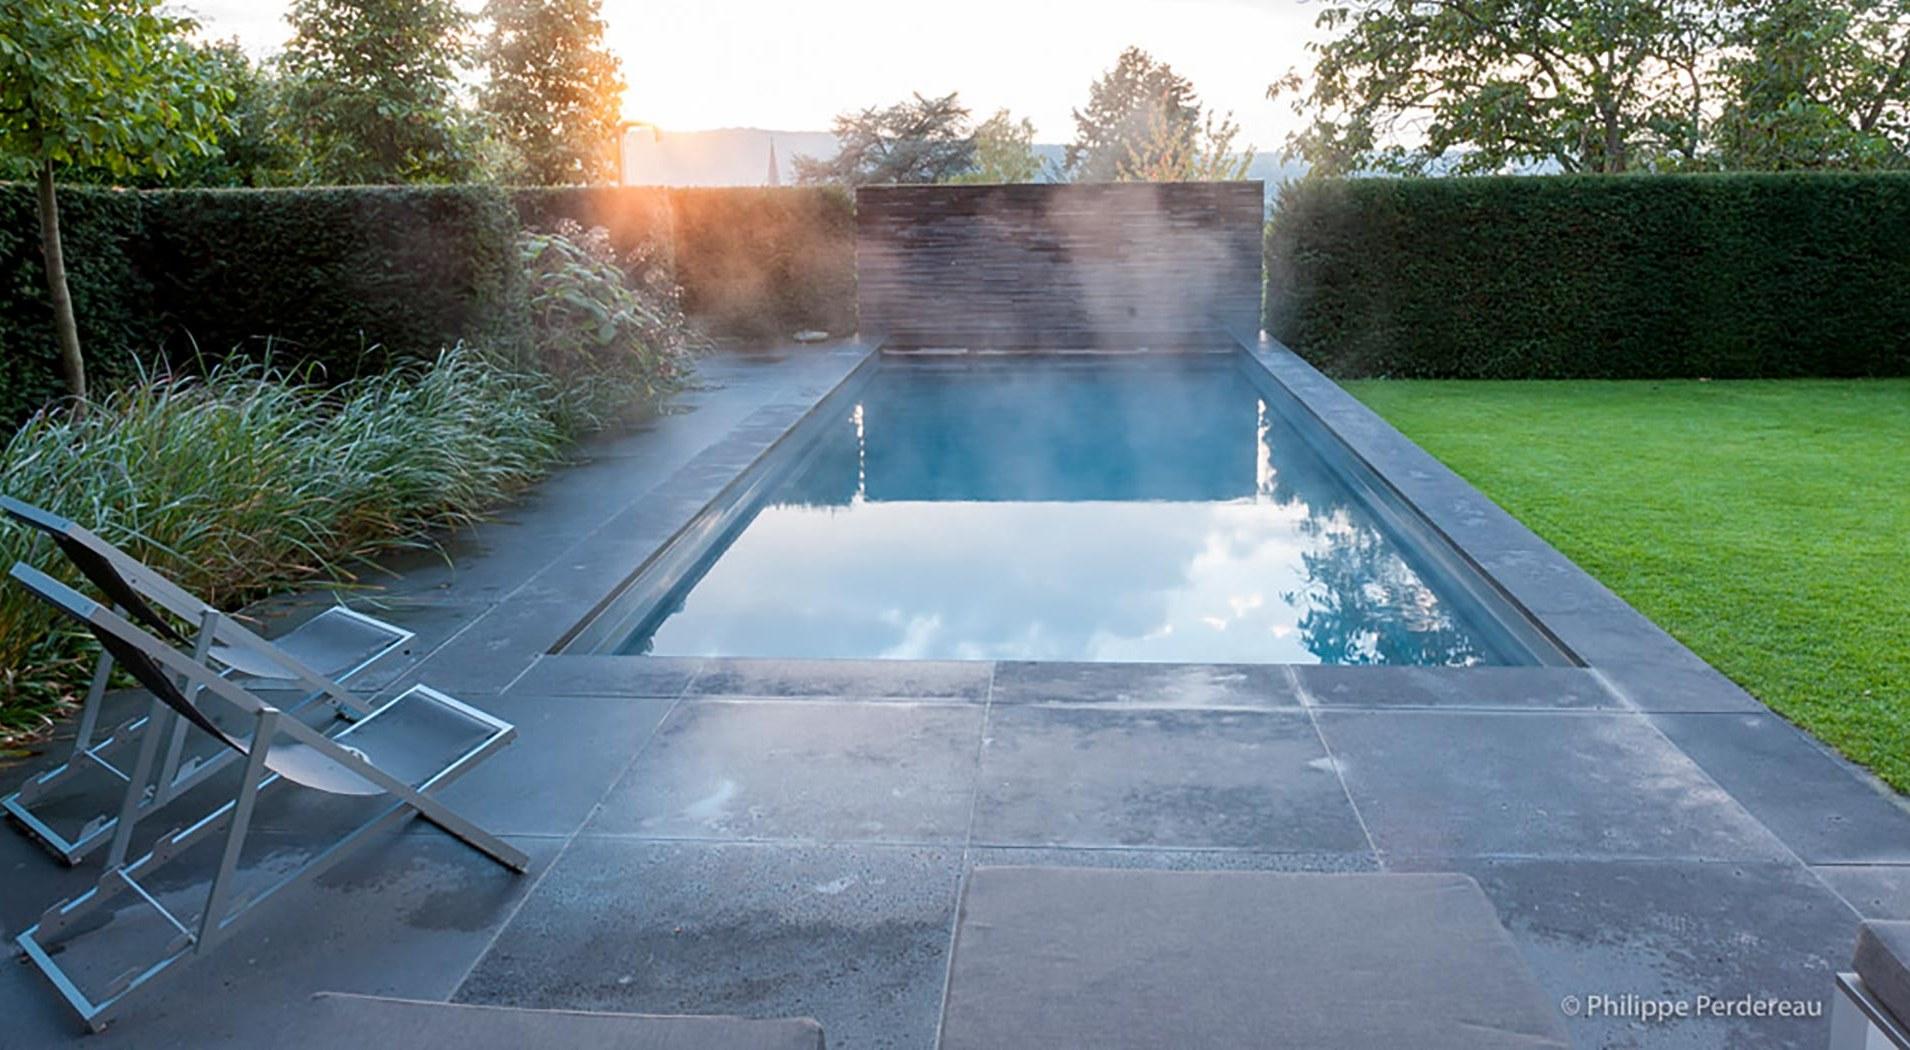 Dampfender Pool im Garten bei Sonnenuntergang